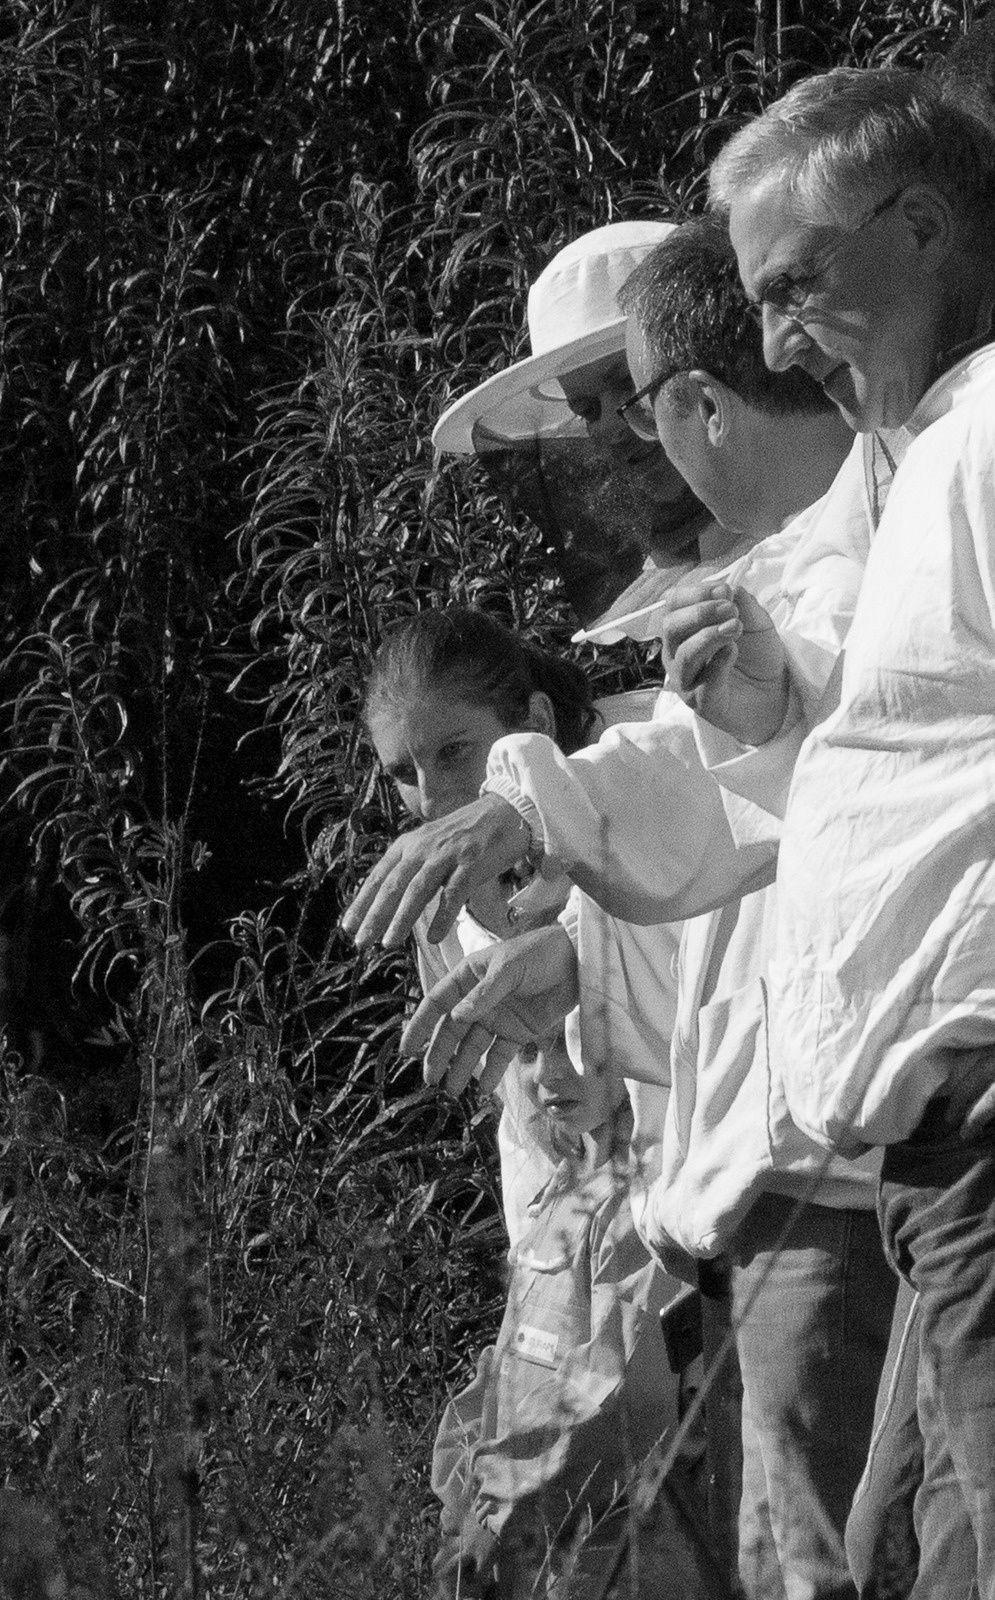 Un réservoir de biodiversité, c'est le vocabulaire le plus adapté pour les parcelles de l'espace naturel sensible des Hautes Bruyères. Aujourd'hui c'est l'Anax empereur qui a volé la vedette à tous les habitants de la mare.